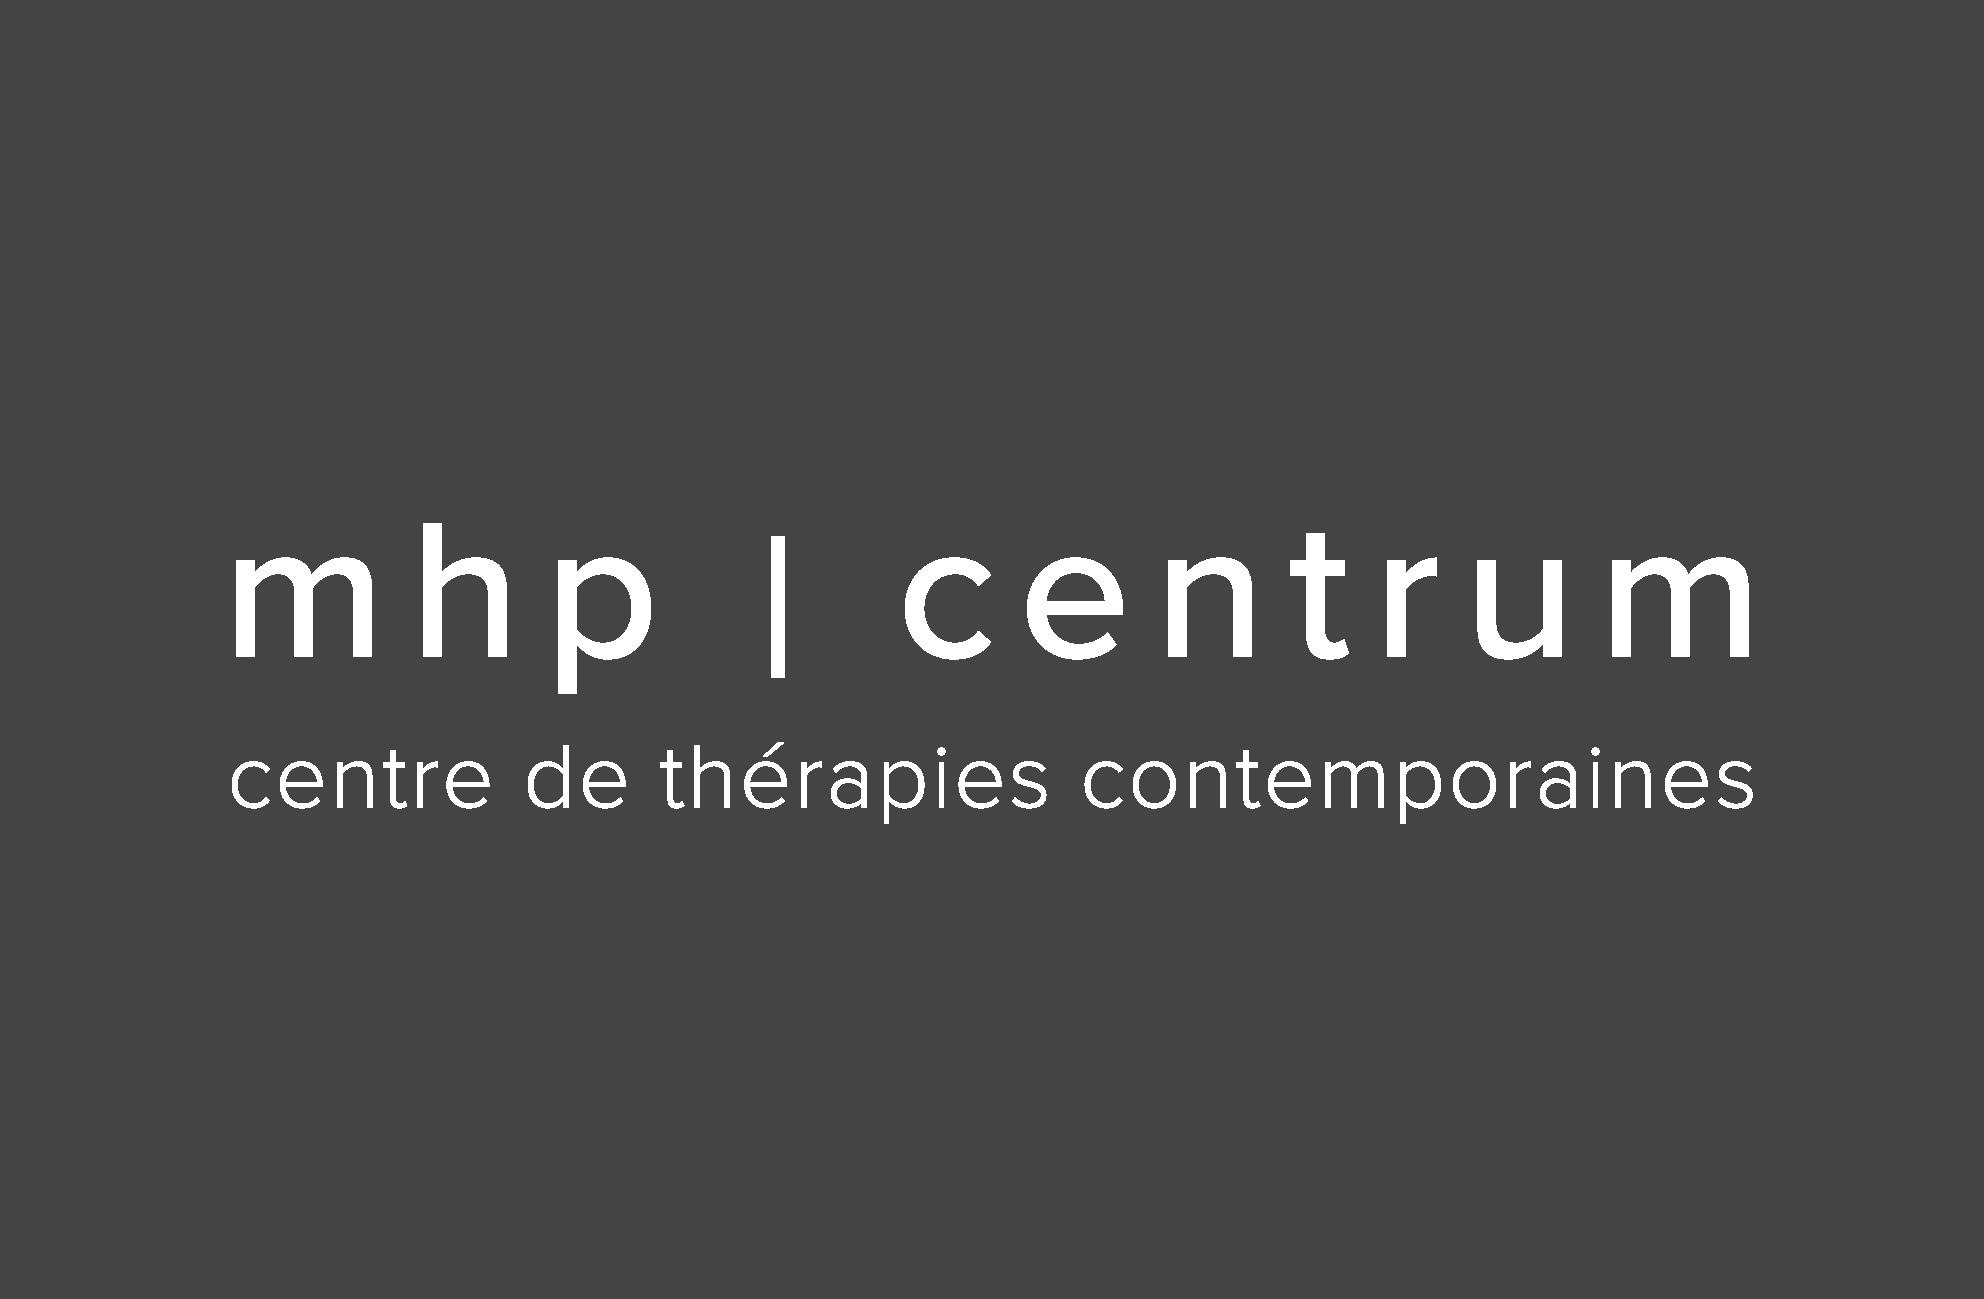 mhp-centrum-grey.png